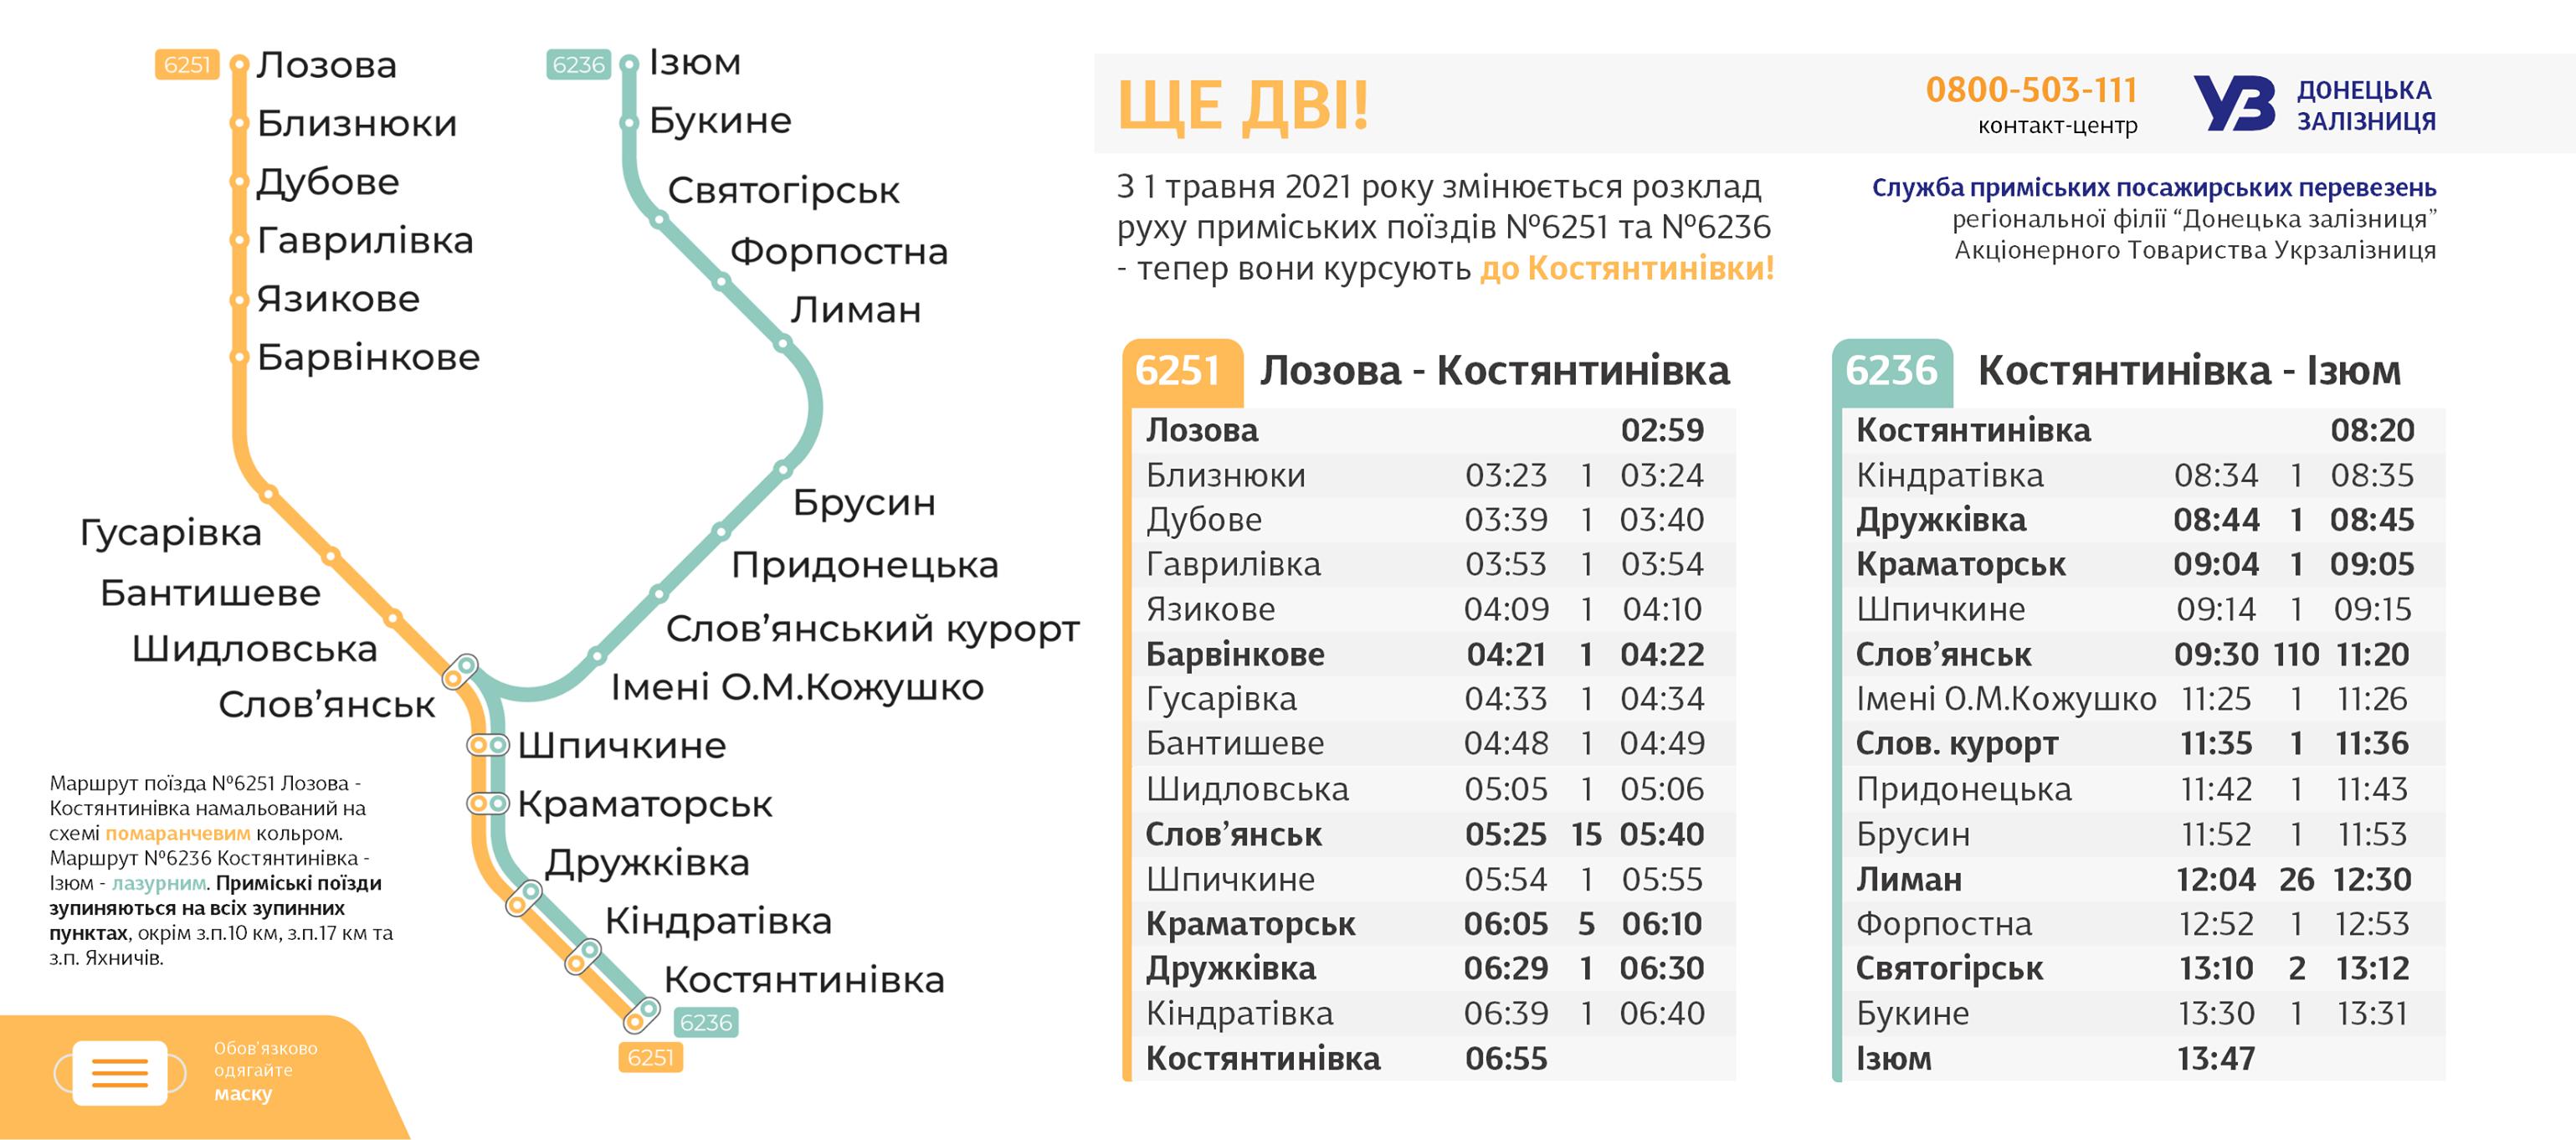 Продовжили маршрут: через Харківську область будуть ходити ще дві електрички до Костянтинівки фото